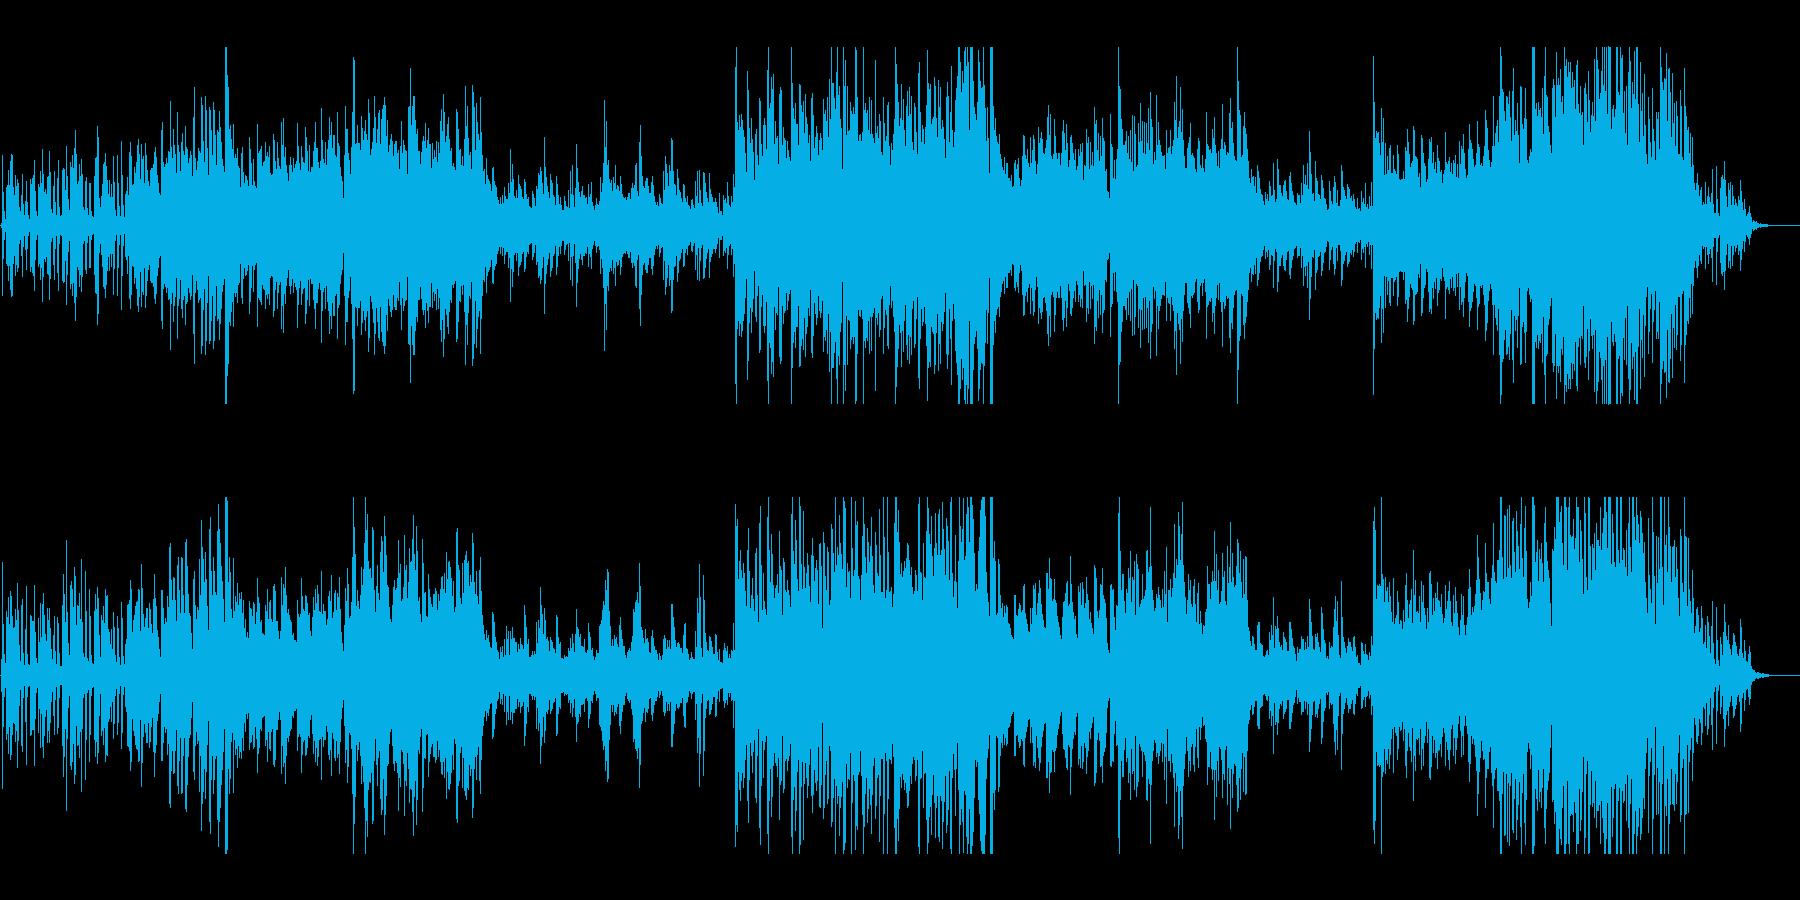 ピアノと和太鼓の華やかな現代和風BGMの再生済みの波形